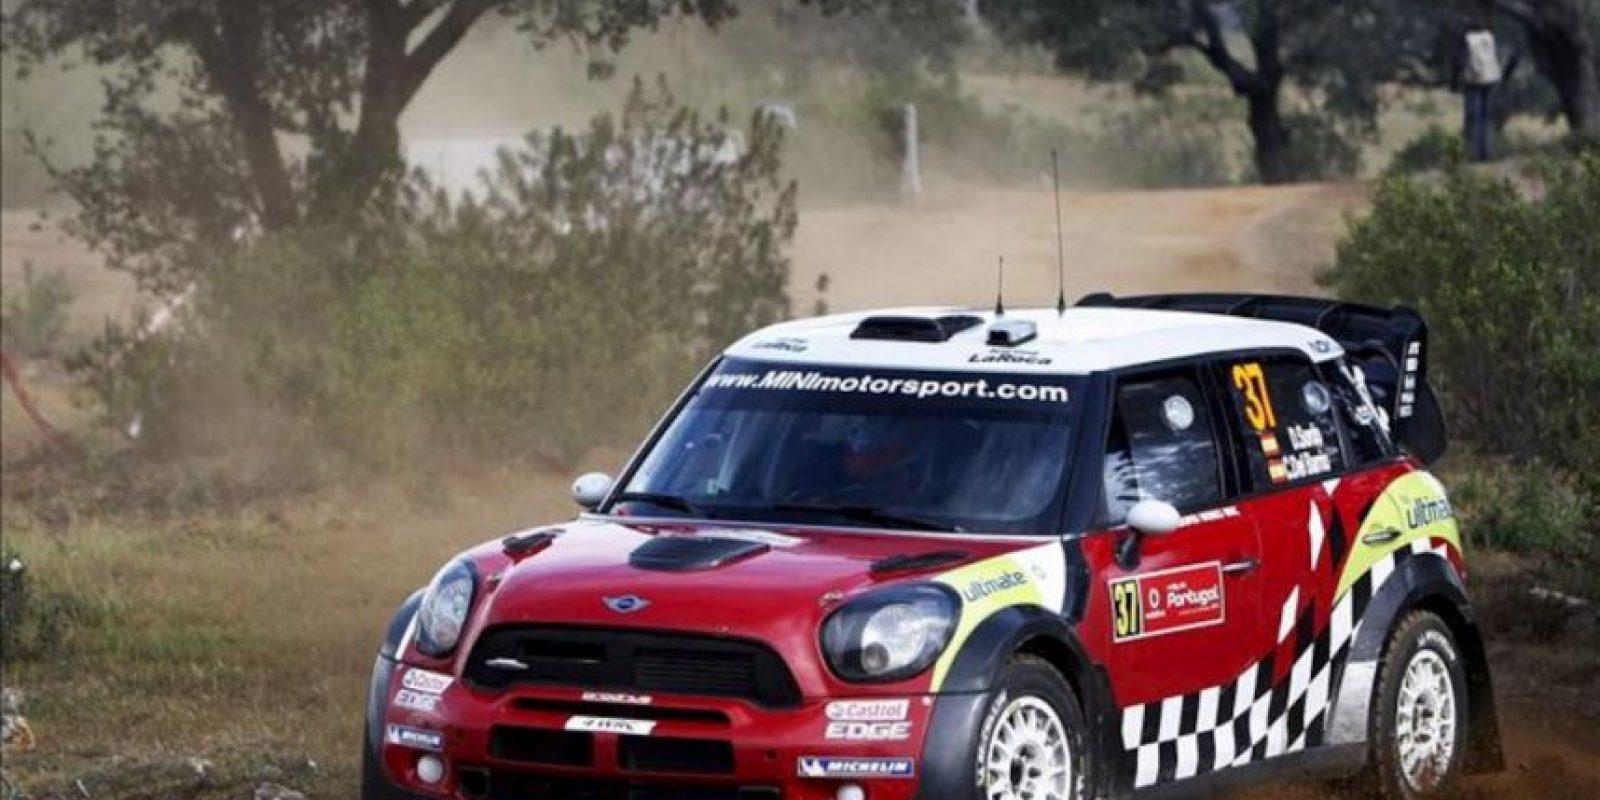 Los pilotos españoles Dani Sordo y Carlos del Barrio conducen su Mini John Cooper Works WRC durante la tercera jornada del Rally de Portugal, en Almodovar, Portugal, hoy. EFE